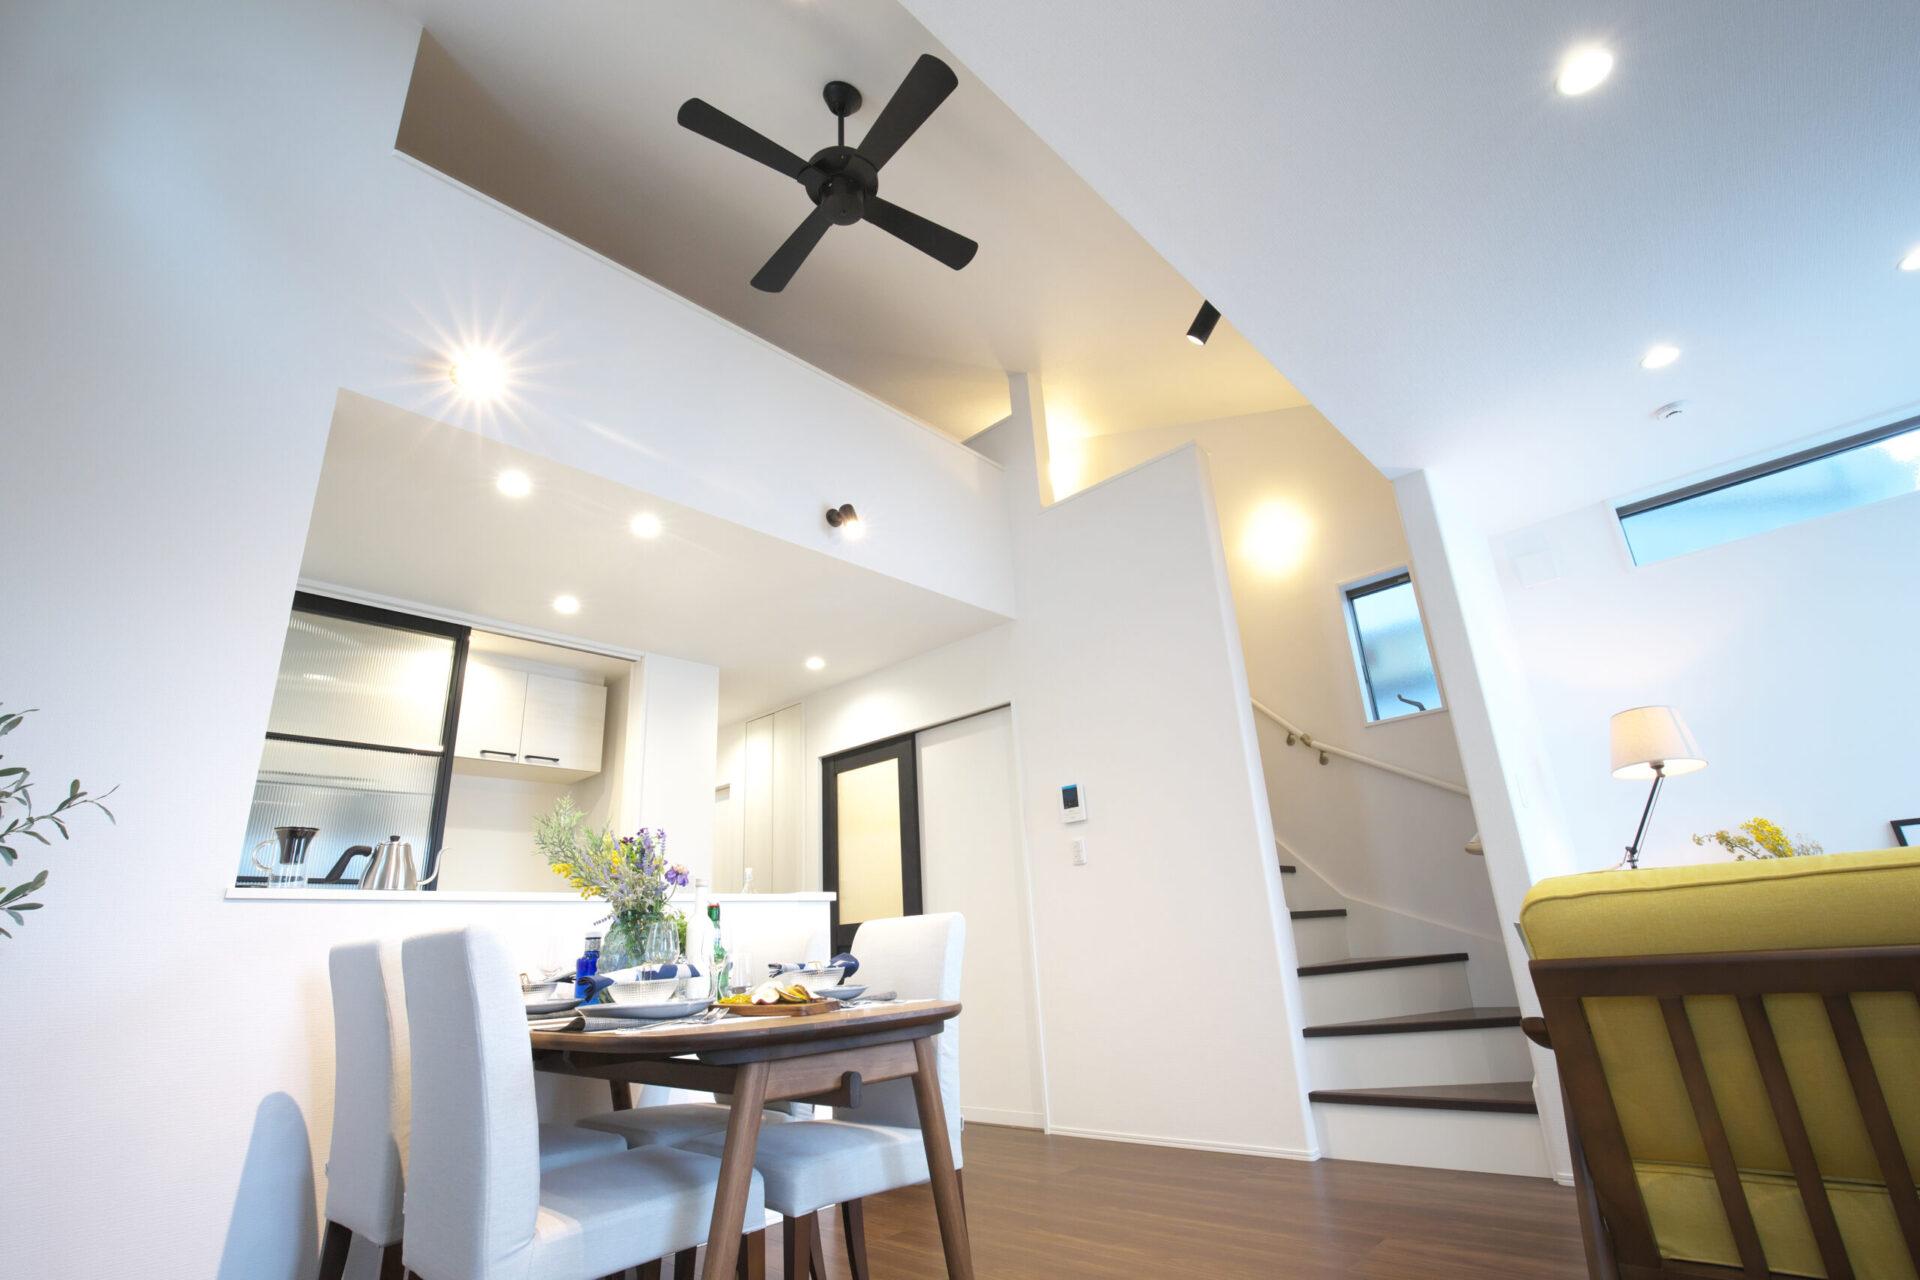 注文住宅の失敗例①  広いリビングはエアコンが効きづらい